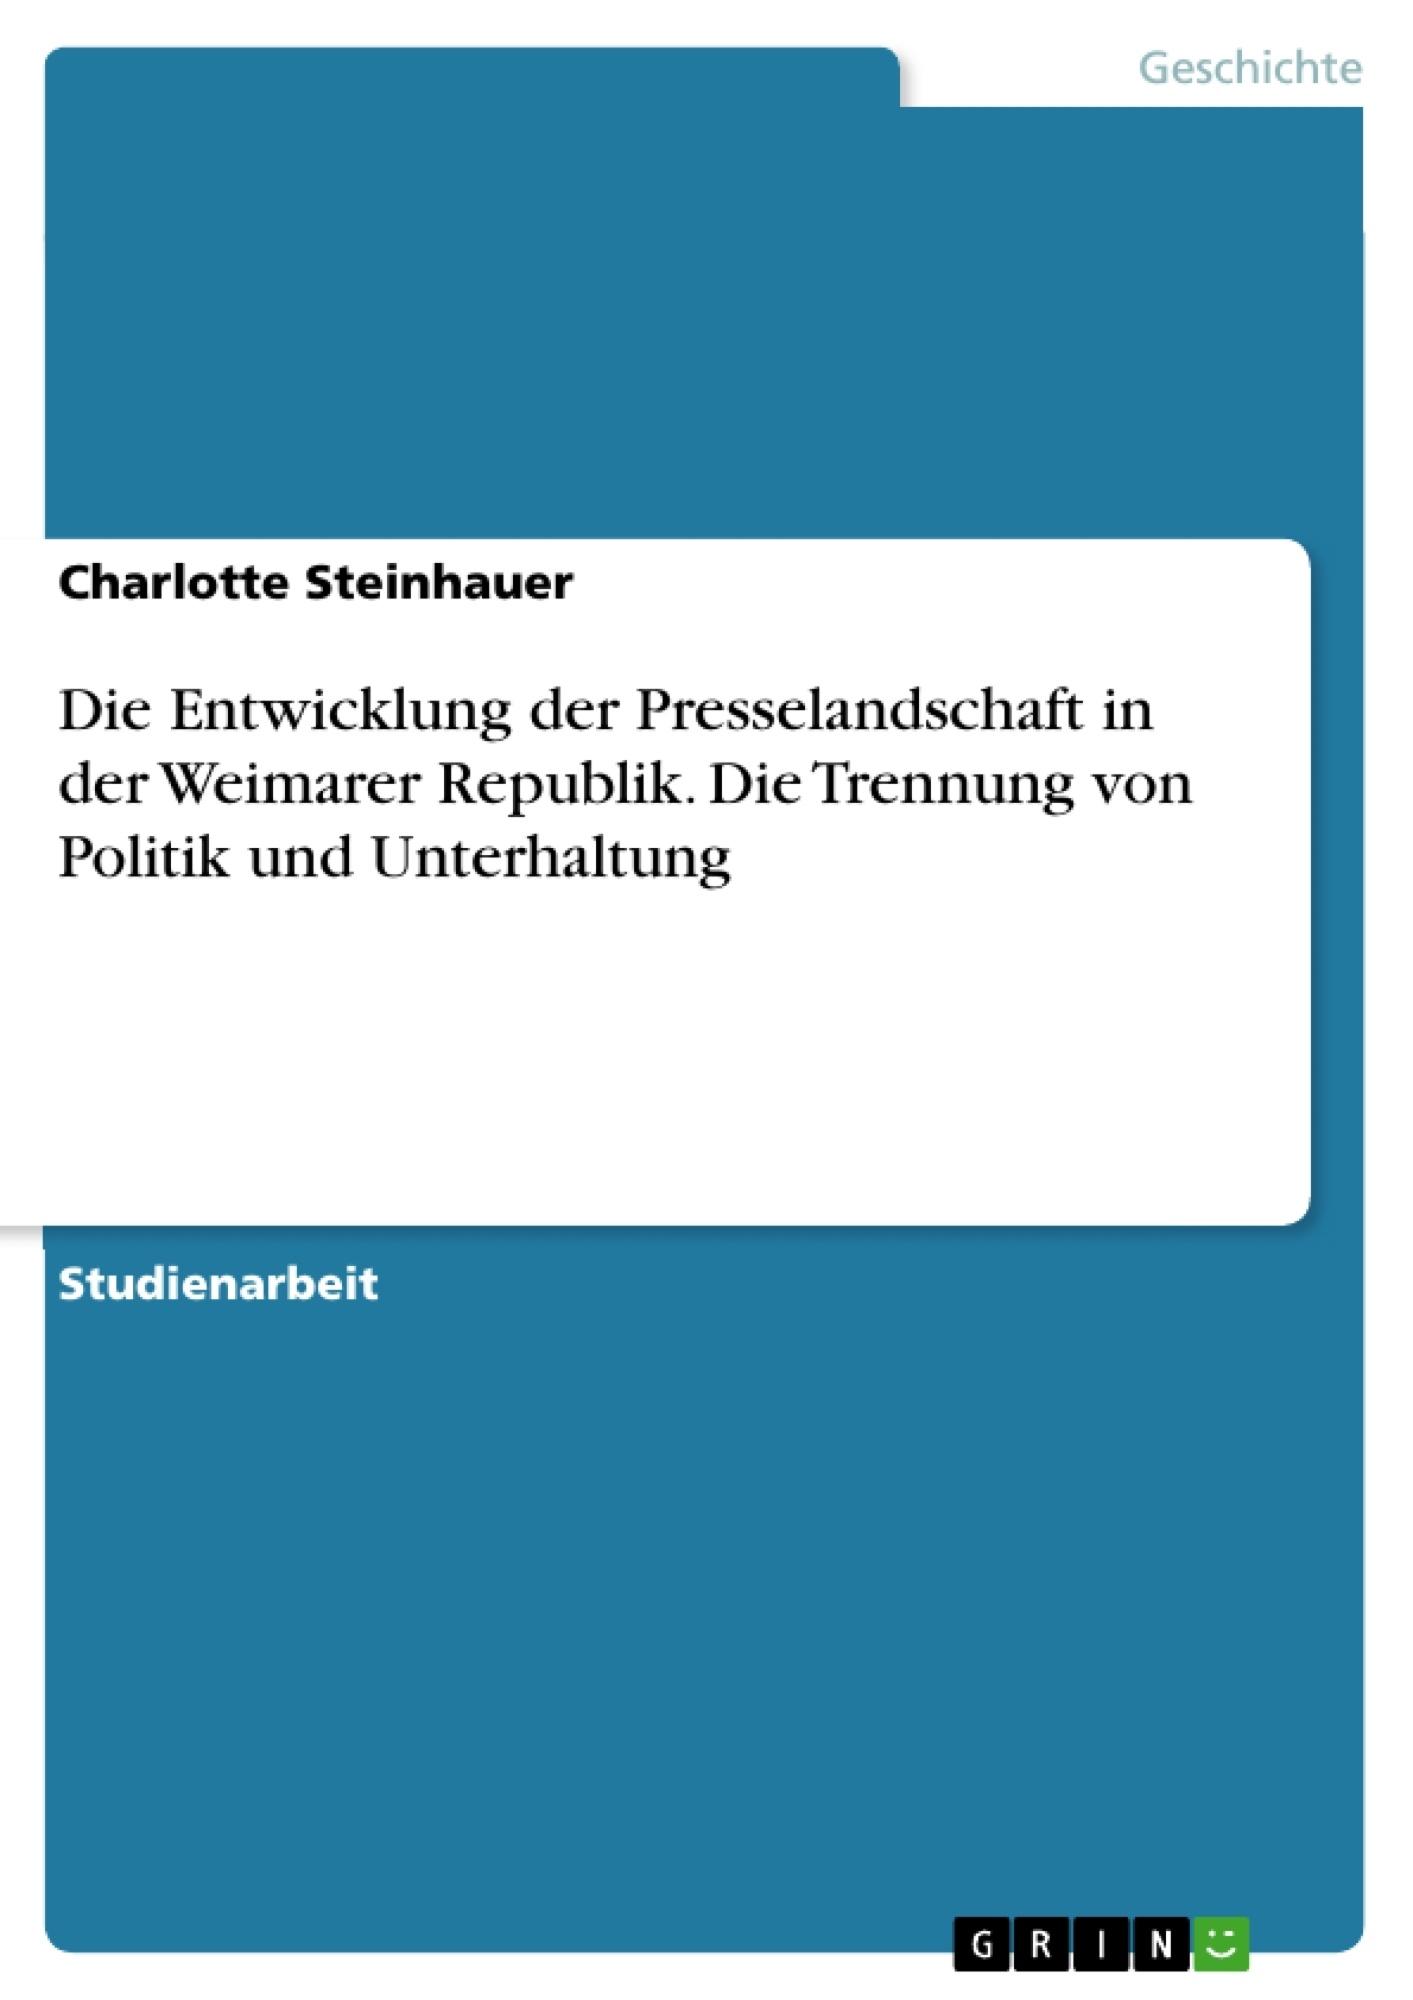 Titel: Die Entwicklung der Presselandschaft in der Weimarer Republik. Die Trennung von Politik und Unterhaltung